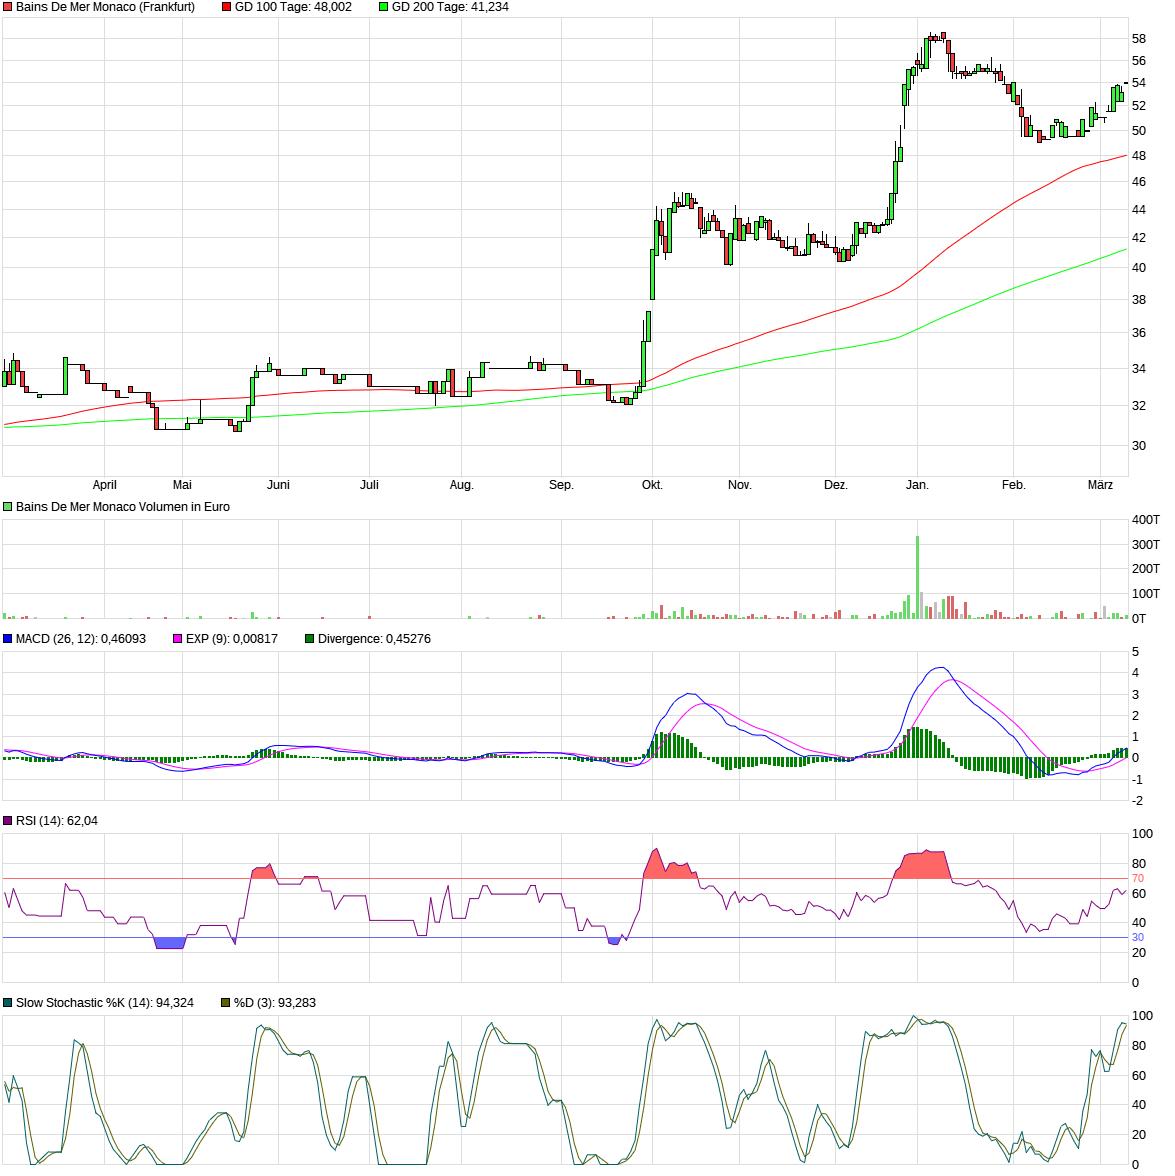 chart_year_bainsdemermonaco.png